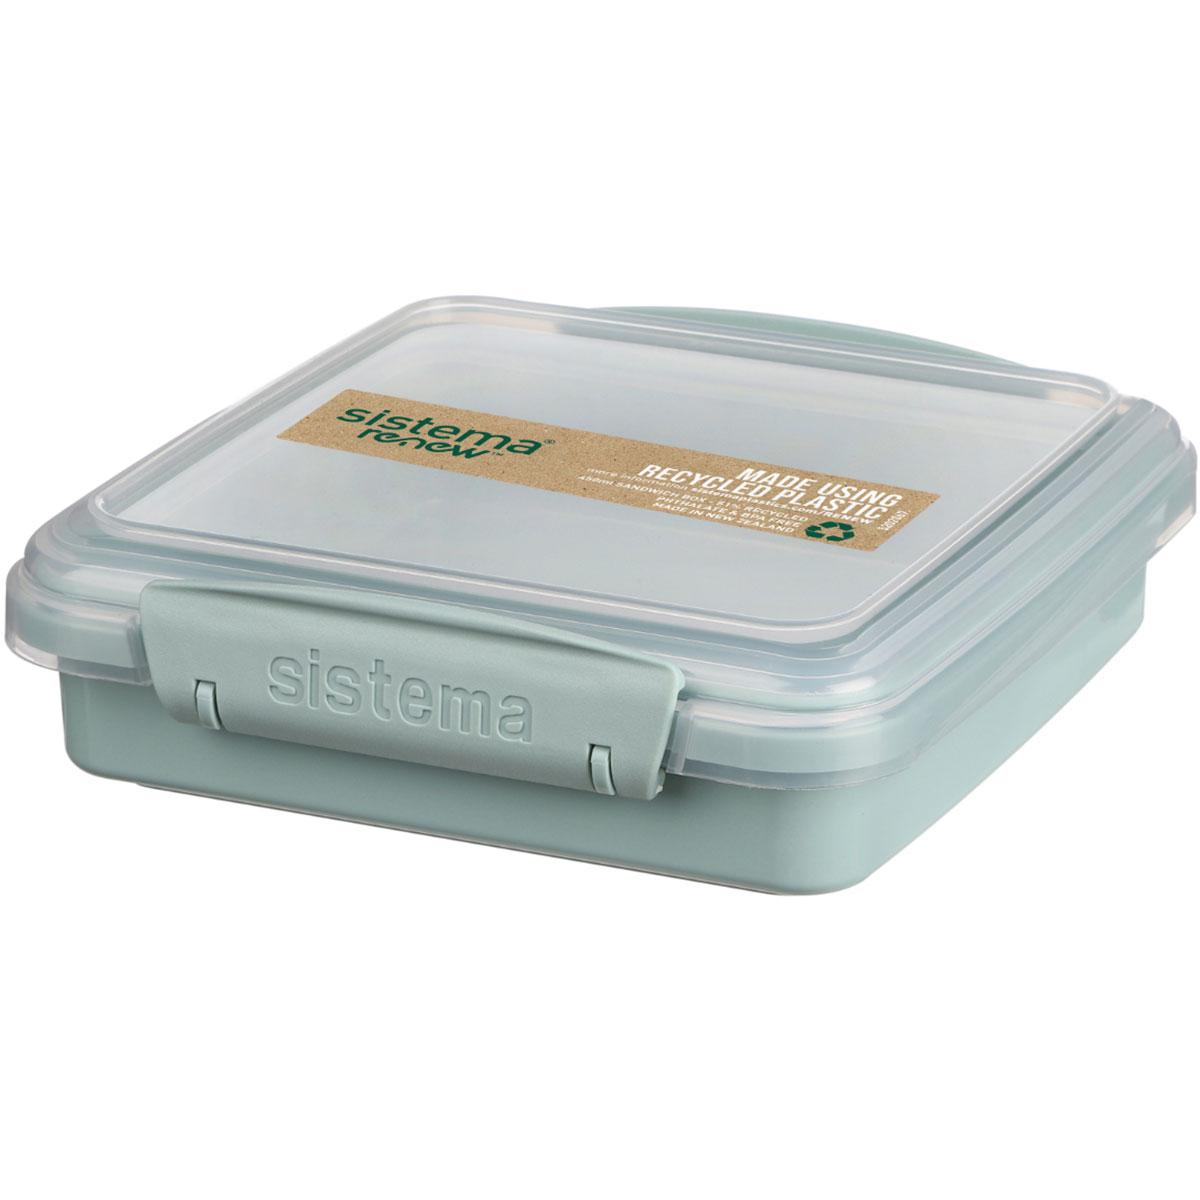 קופסת אוכל מרובעת לכריך מעורב צבעים 450 מ